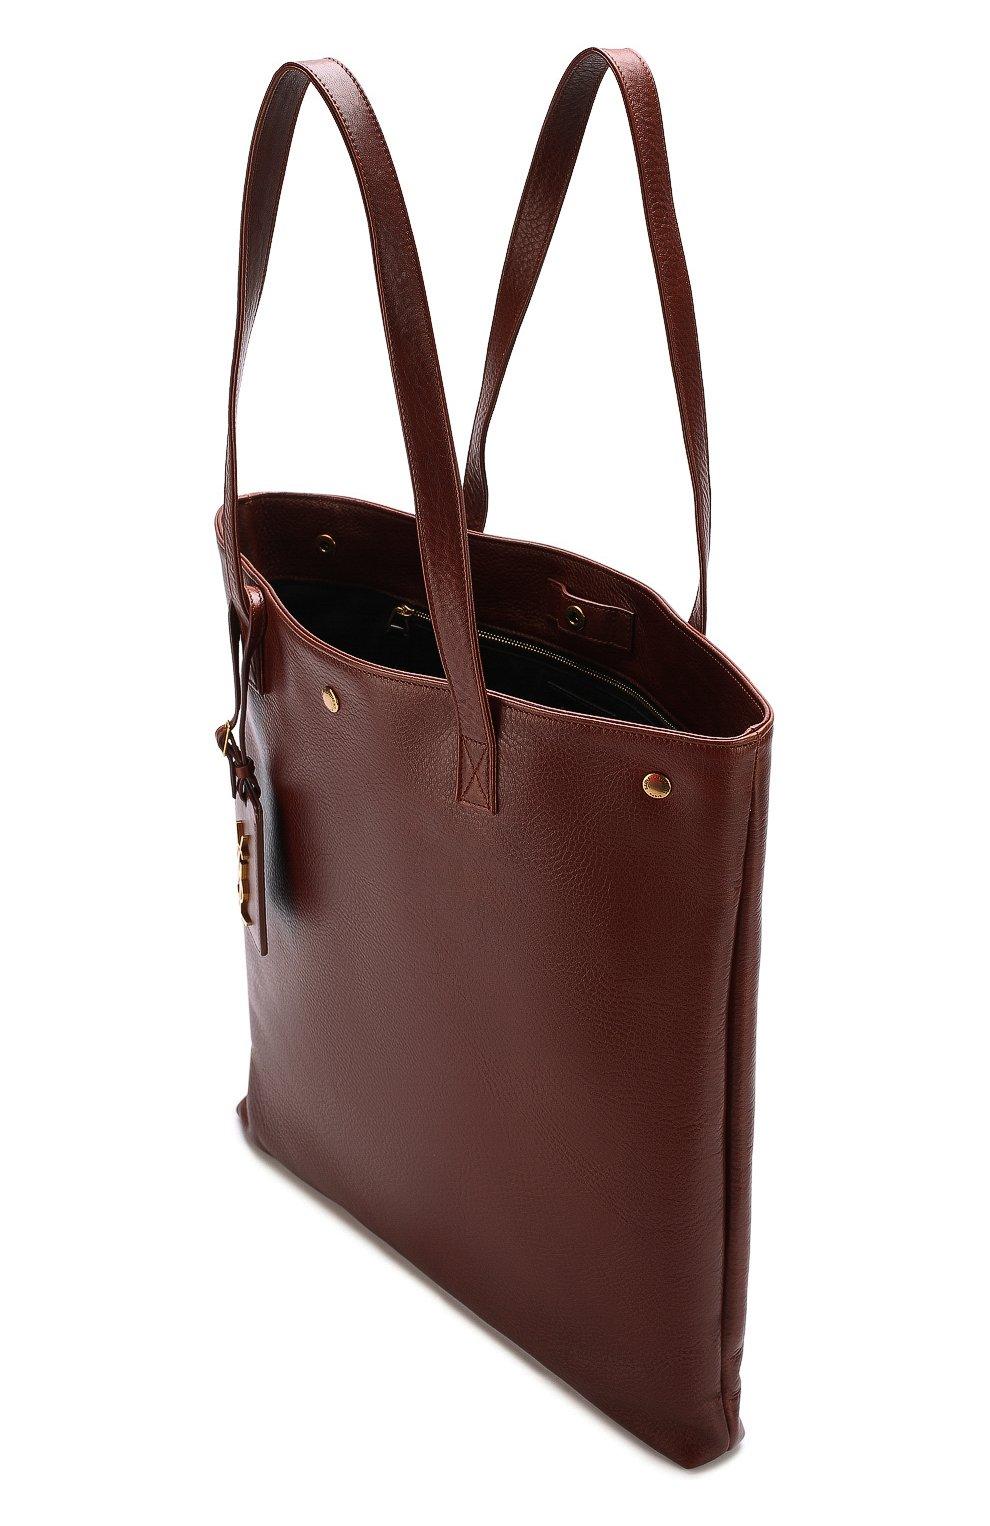 Женская сумка-шоппер из кожи SAINT LAURENT коричневая цвета — купить ... d7538937e07e4